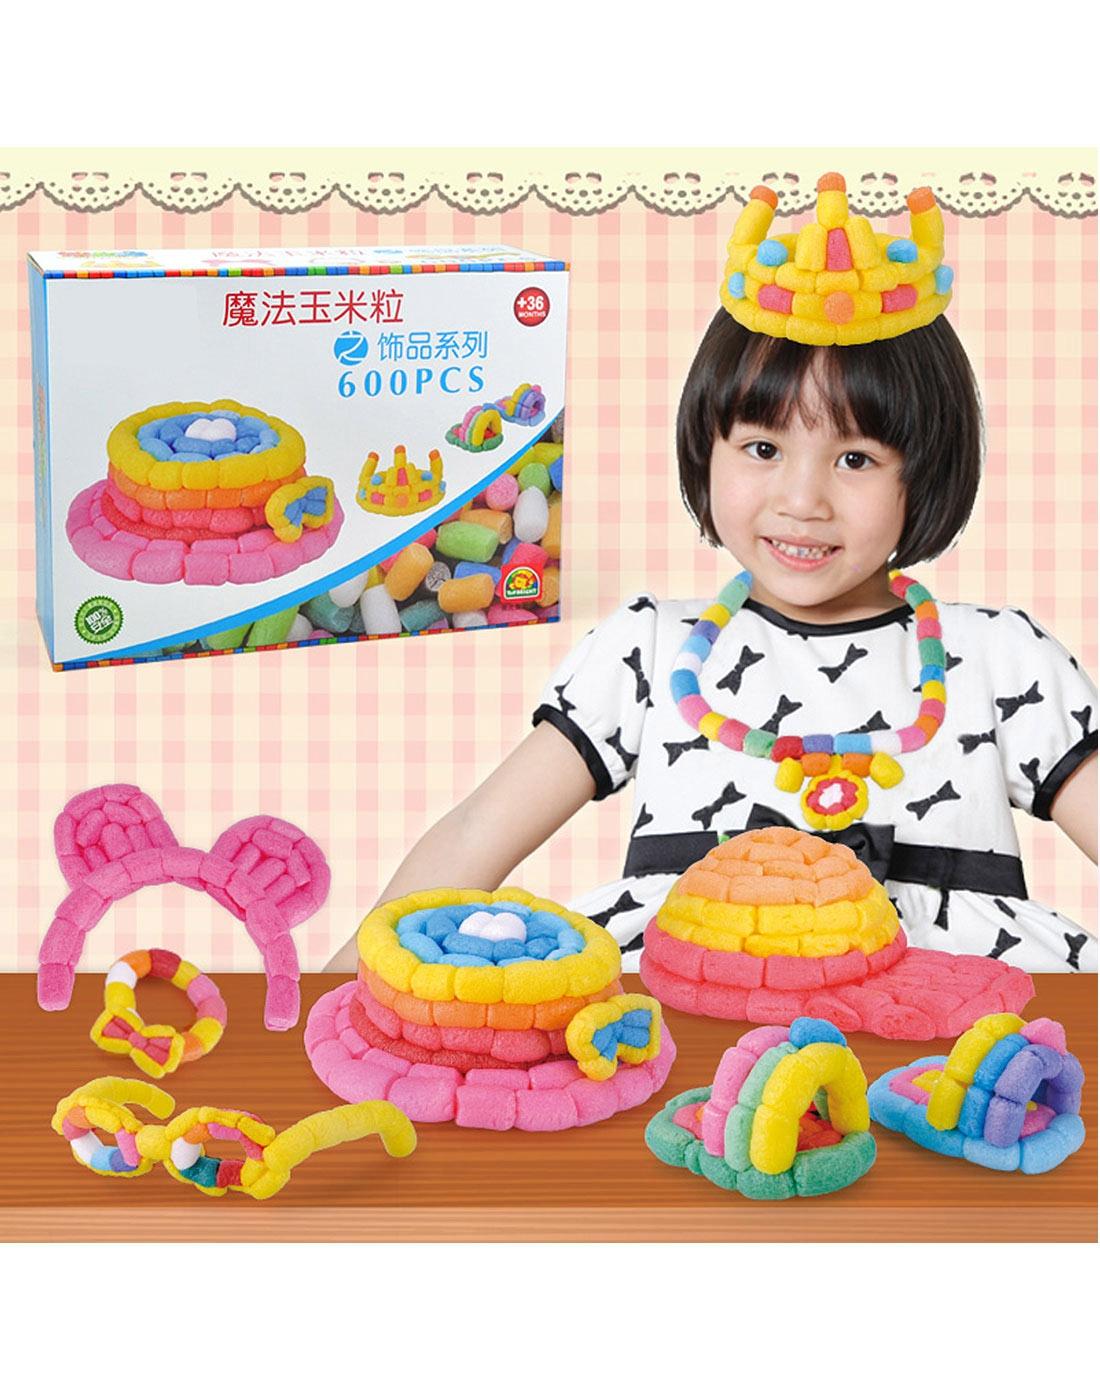 海绵宝宝等益智玩具特宝儿600粒家居主题手工制作玉米